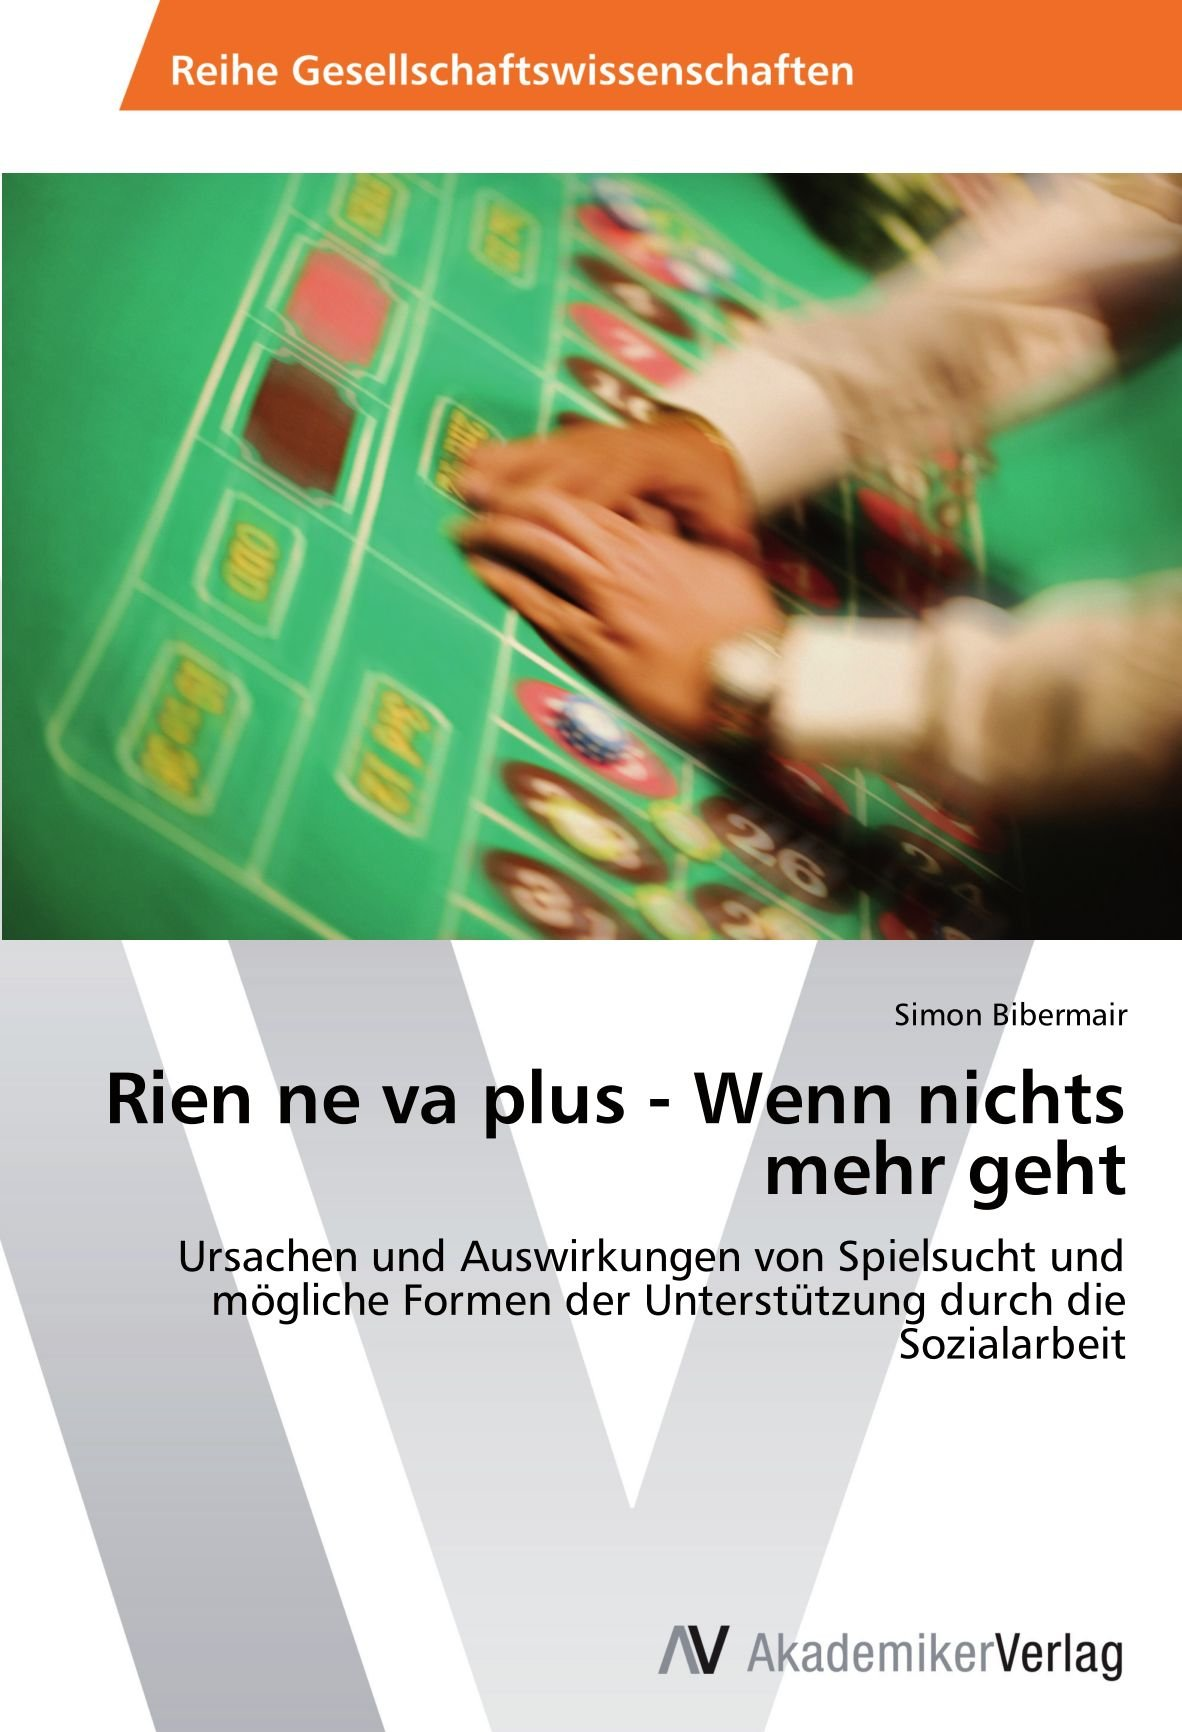 Rien ne va plus - Wenn nichts mehr geht: Ursachen und Auswirkungen von Spielsucht und mögliche Formen der Unterstützung durch die Sozialarbeit (German Edition) ebook